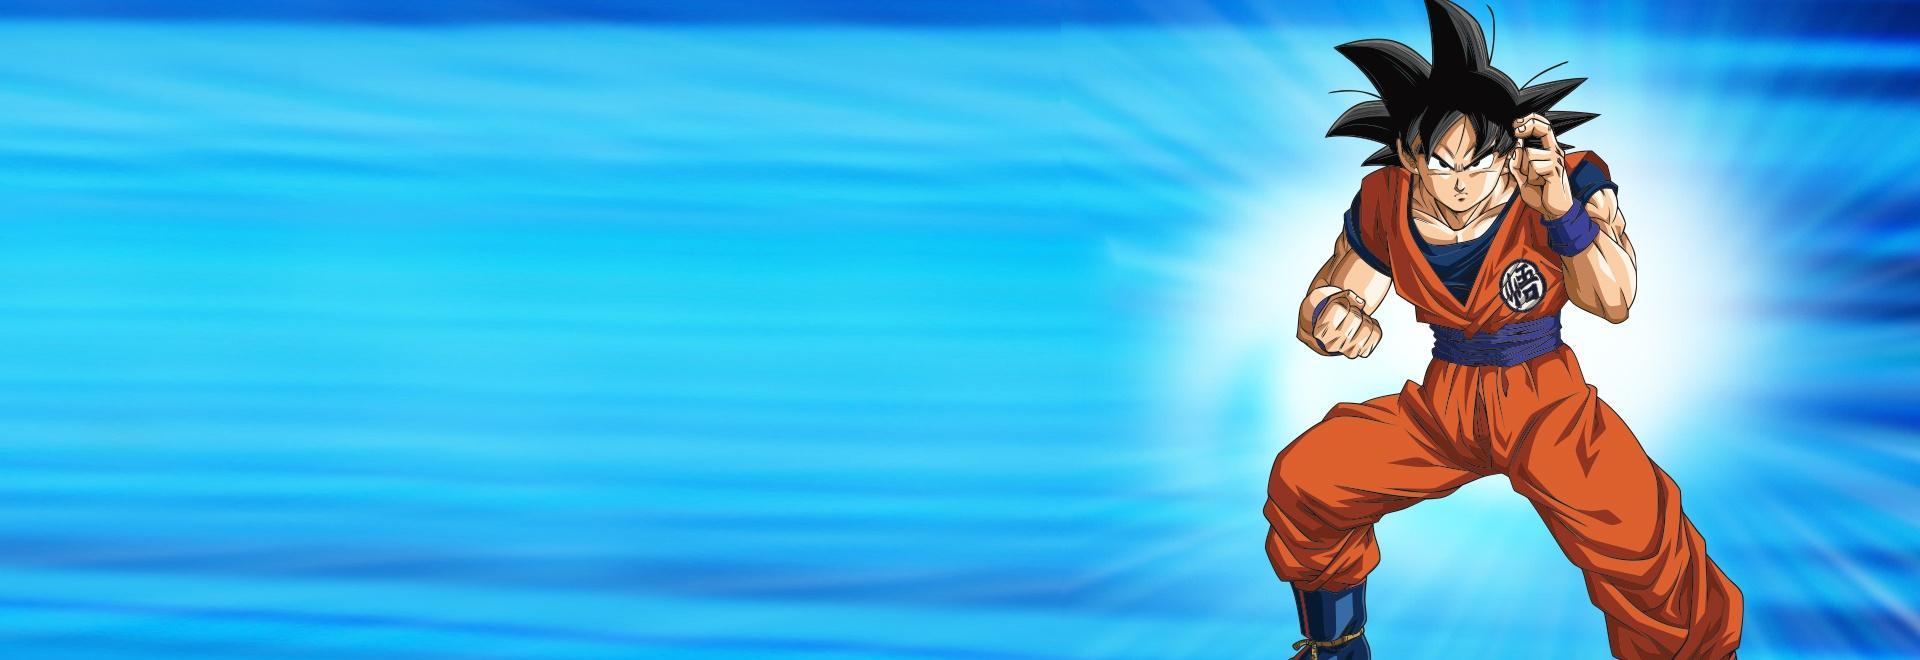 Il potere dell'amore esploderà? Le magiche guerriere del secondo Universo!